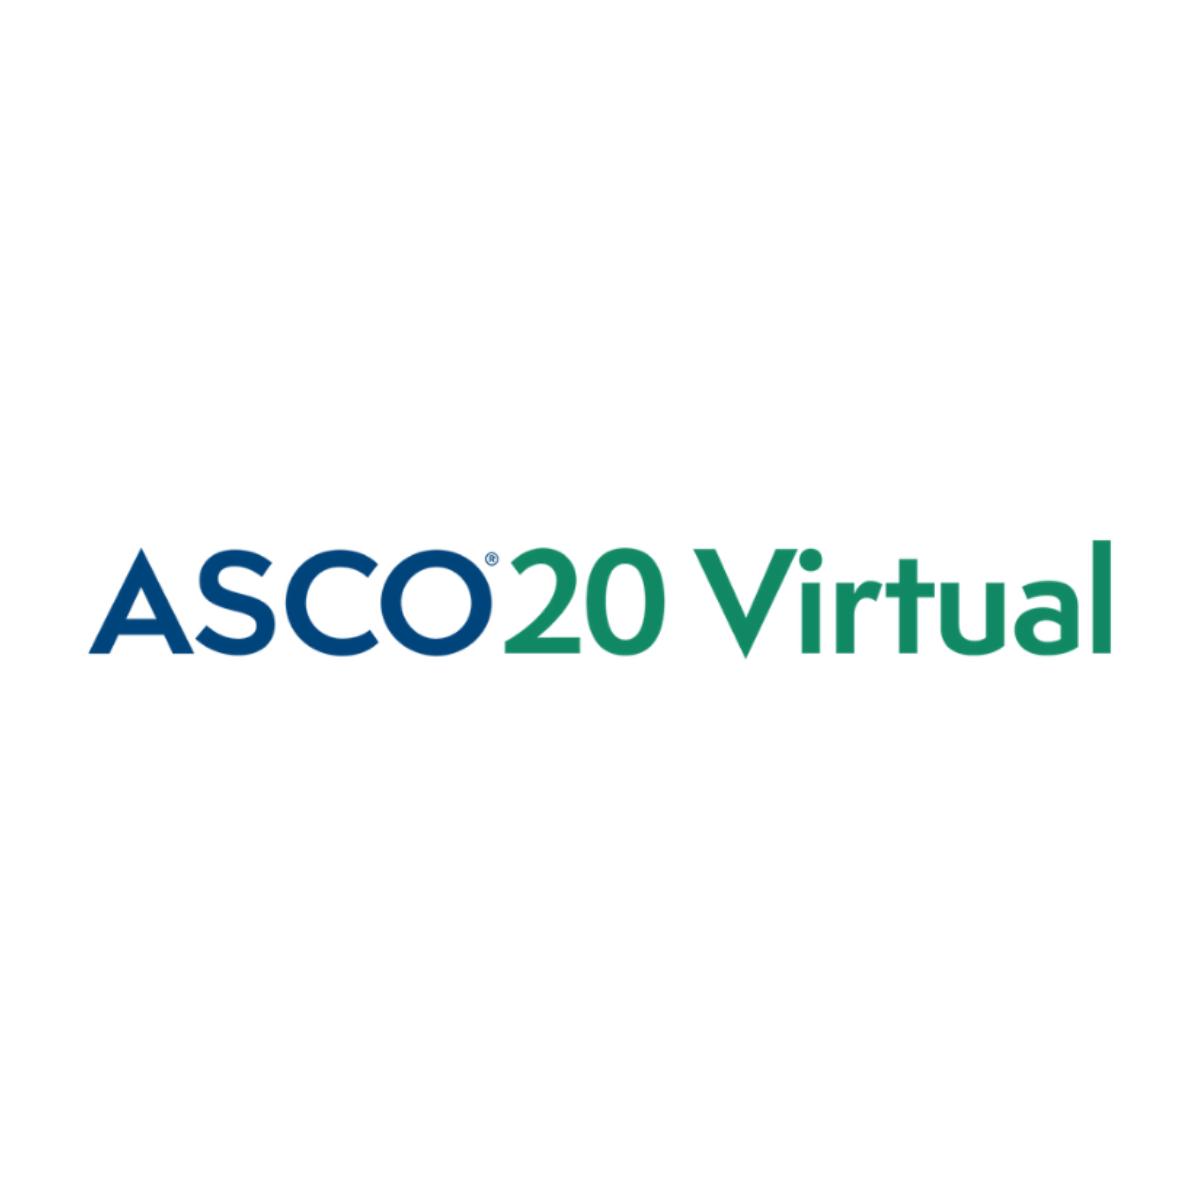 Social Check-Up at ASCO 2020 Virtual